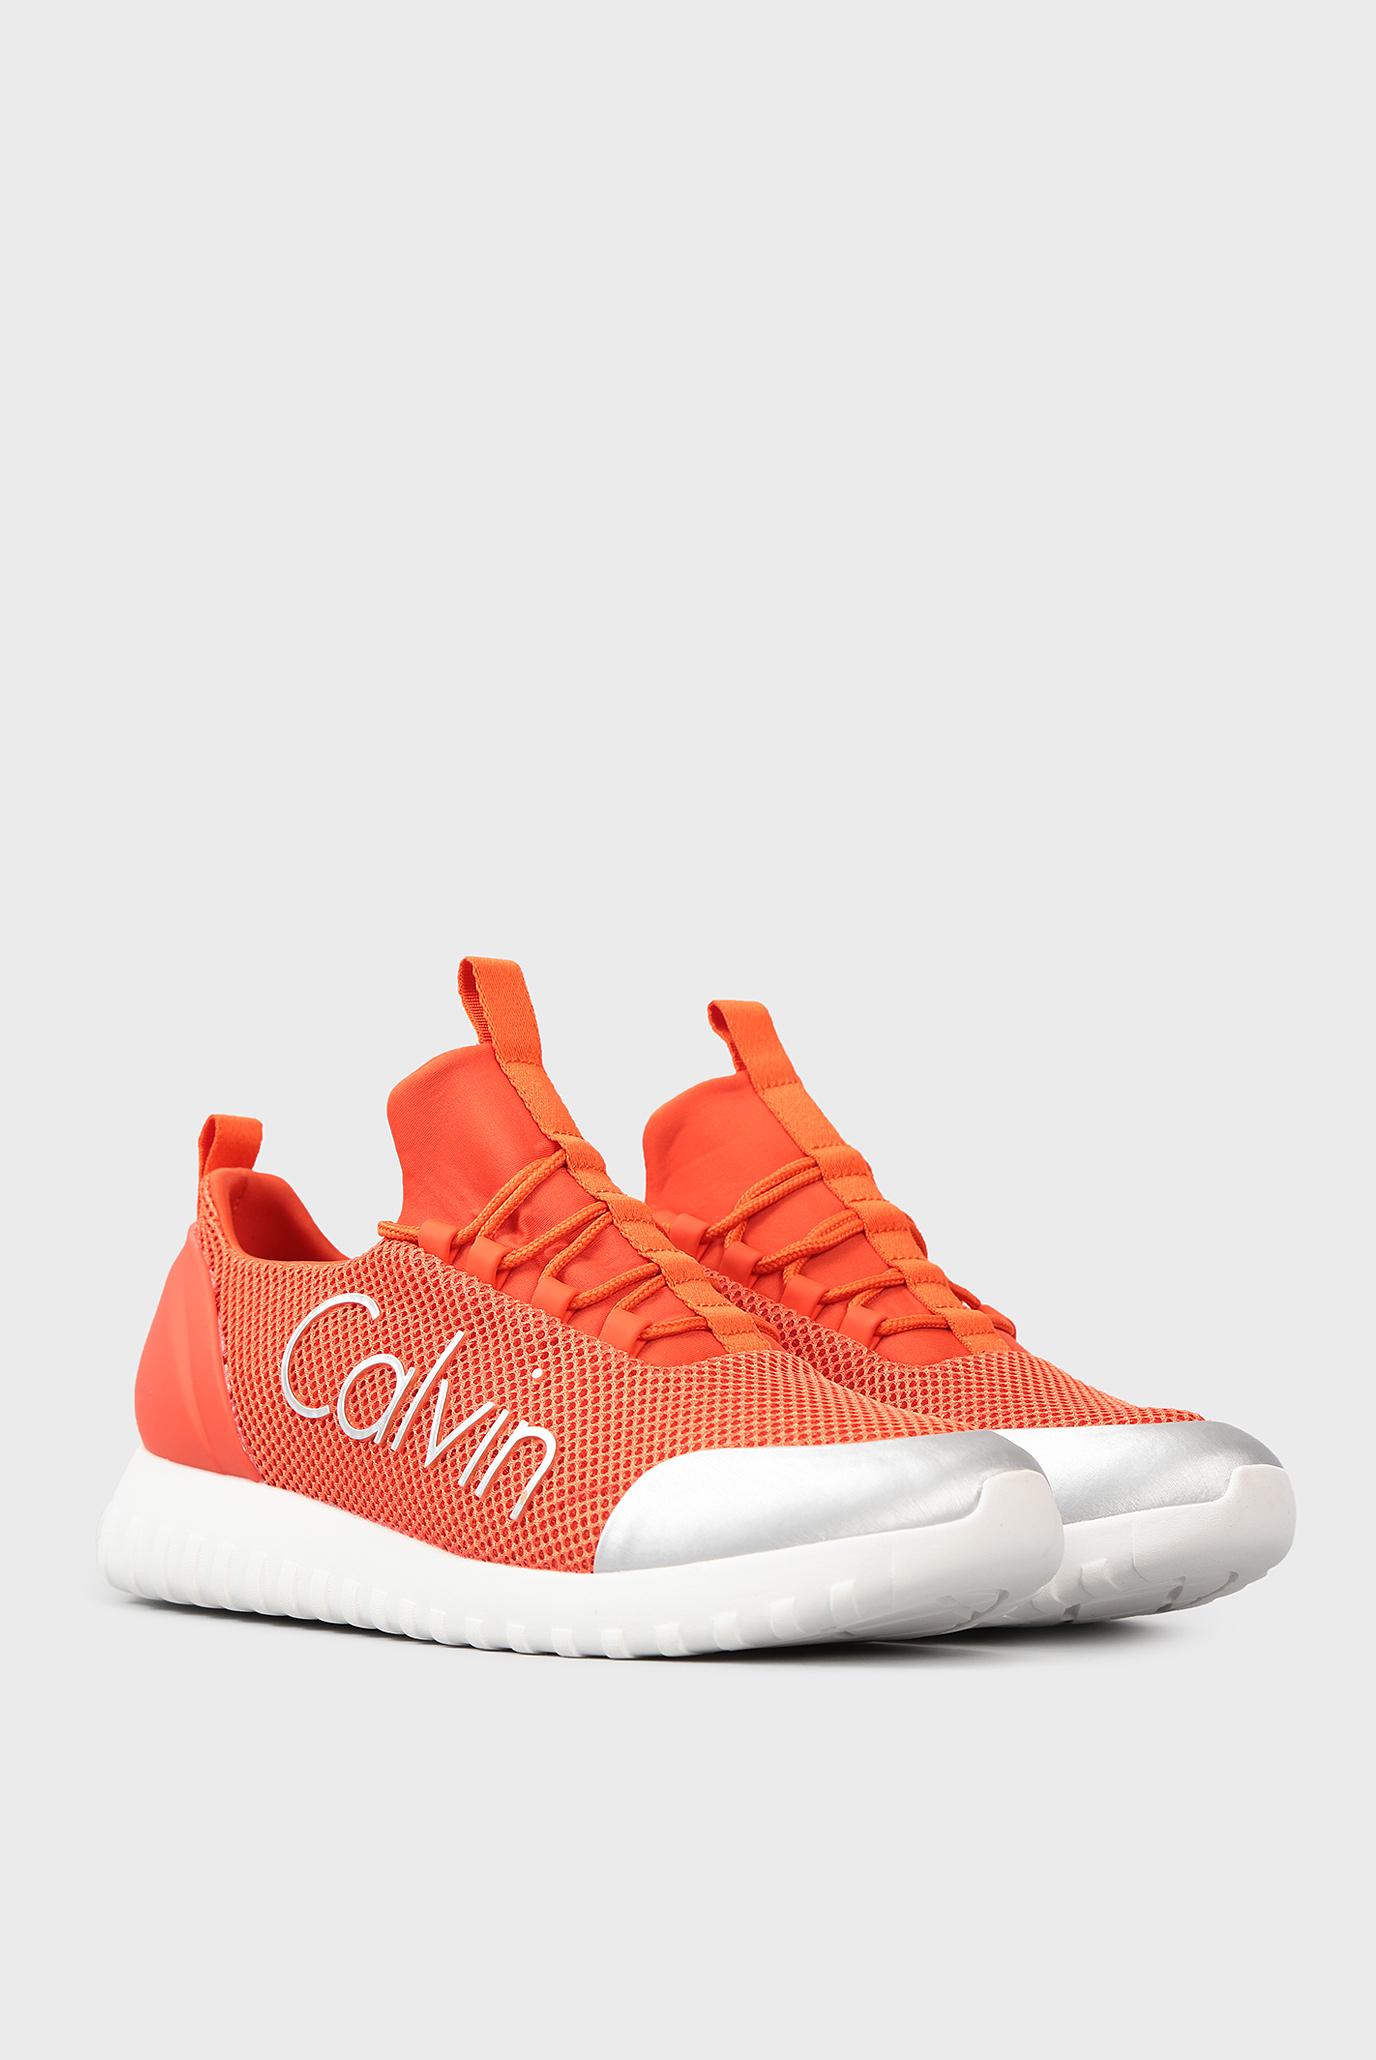 Купить Мужские оранжевые кроссовки Calvin Klein Calvin Klein S0506 – Киев,  Украина. Цены в интернет магазине MD Fashion 13c435b7ca5